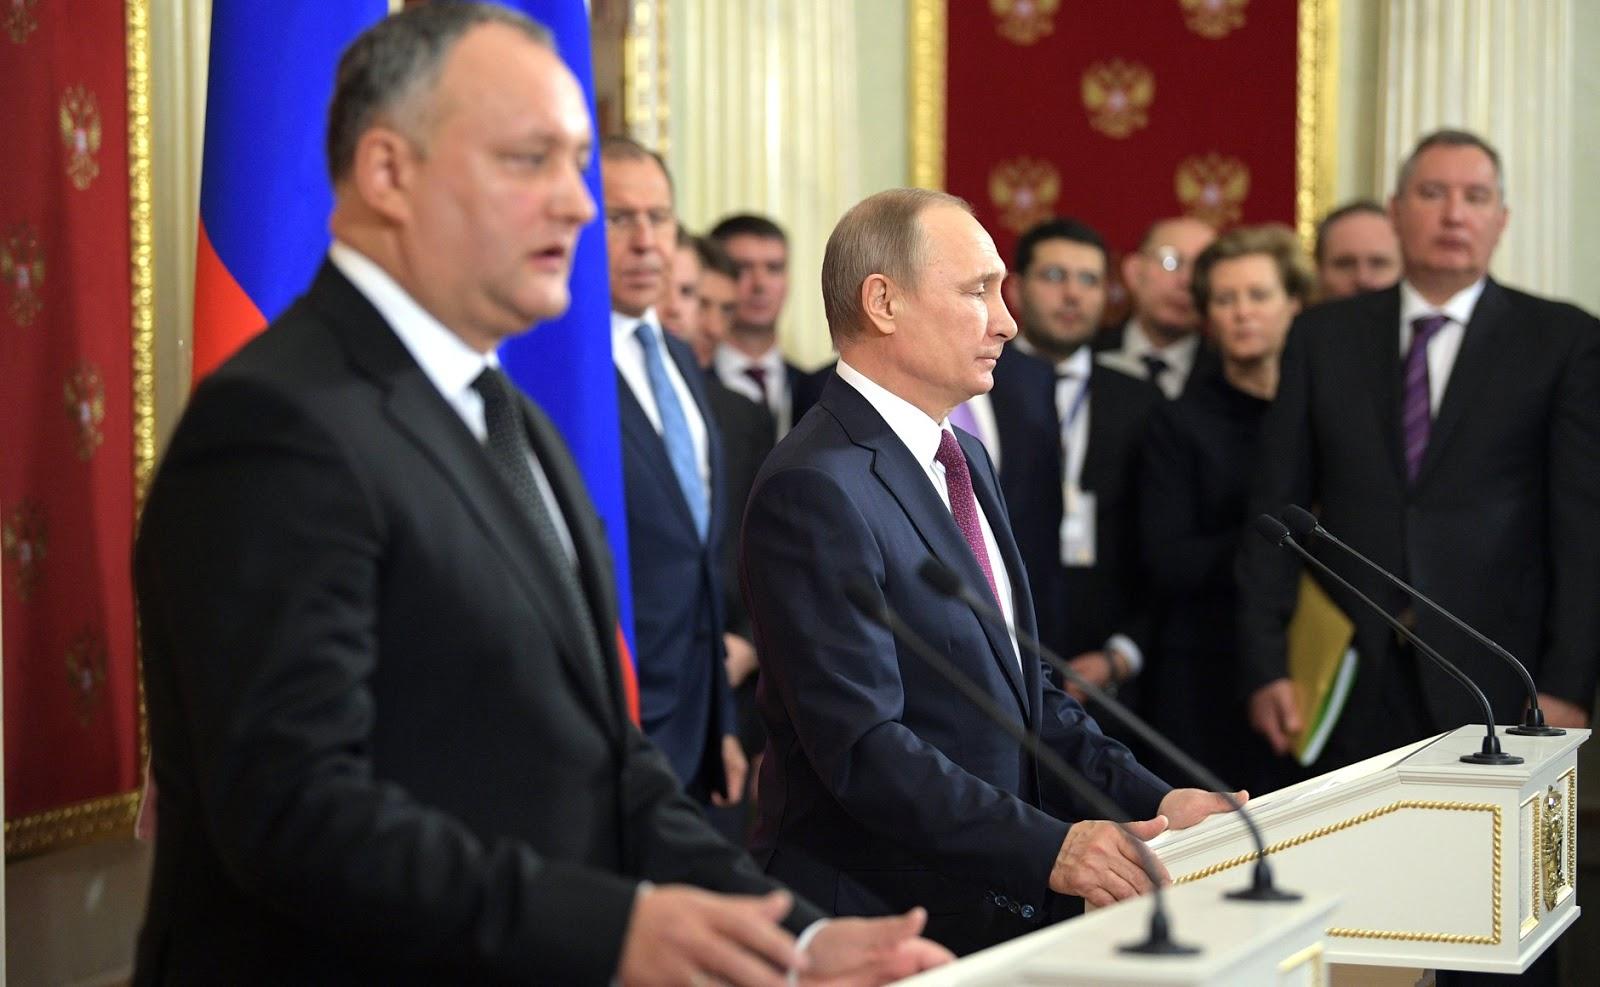 """Vladimiras Putinas: Žmonės, fabrikuojantys feikus kaip """"Trampo dosje"""", blogiau, negu prostitutės"""